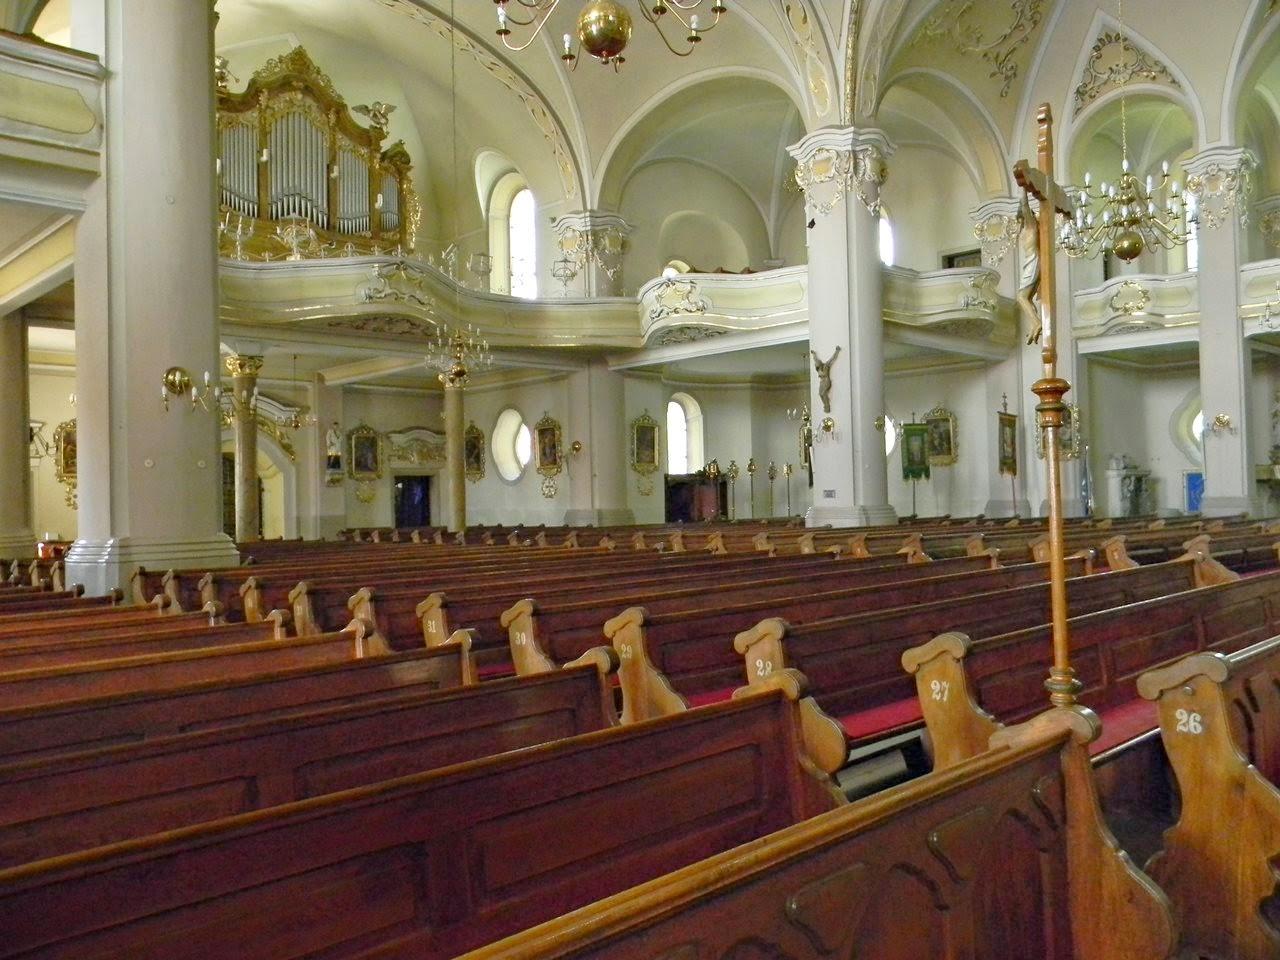 kościół, kolumny, ławki